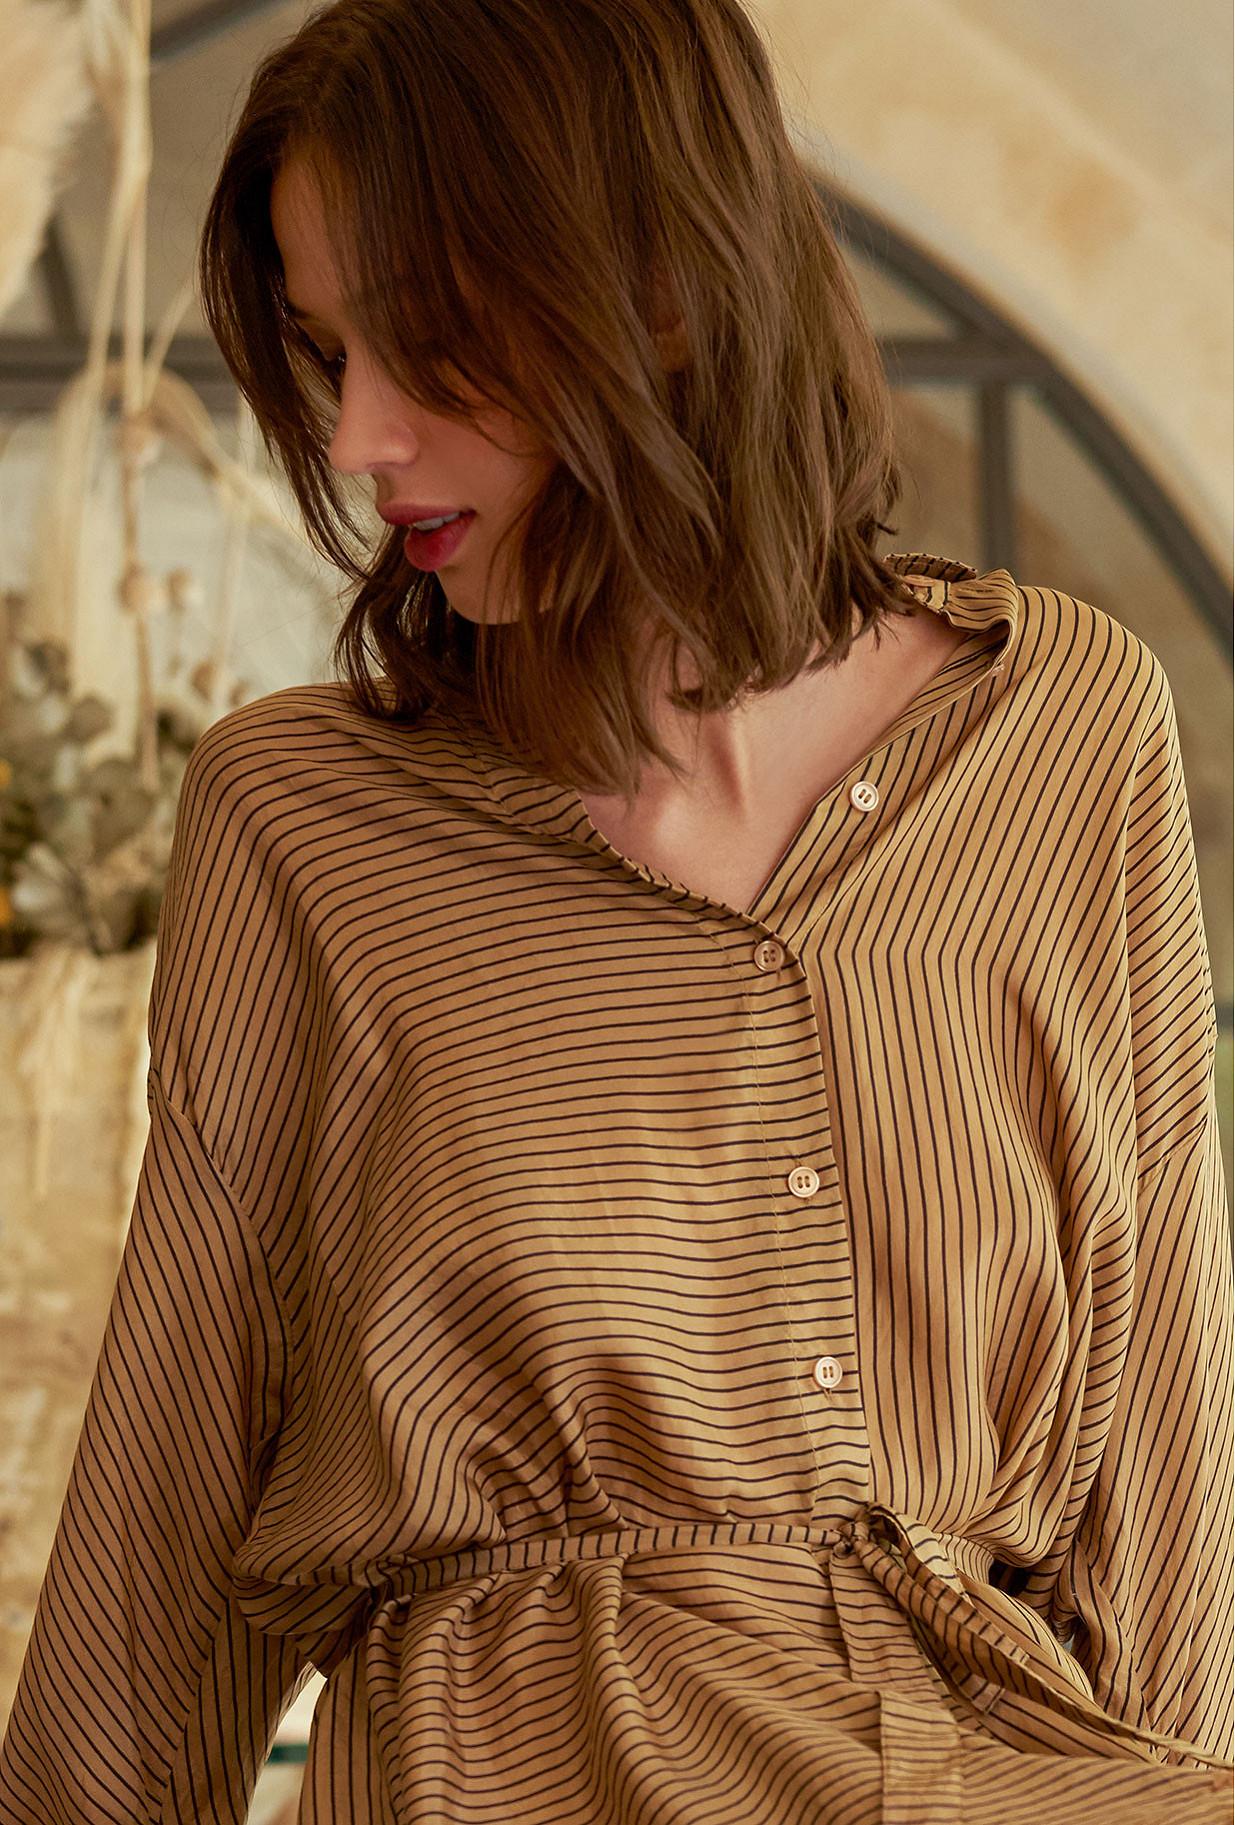 Paris boutique de mode vêtement Chemise créateur bohème  Chico